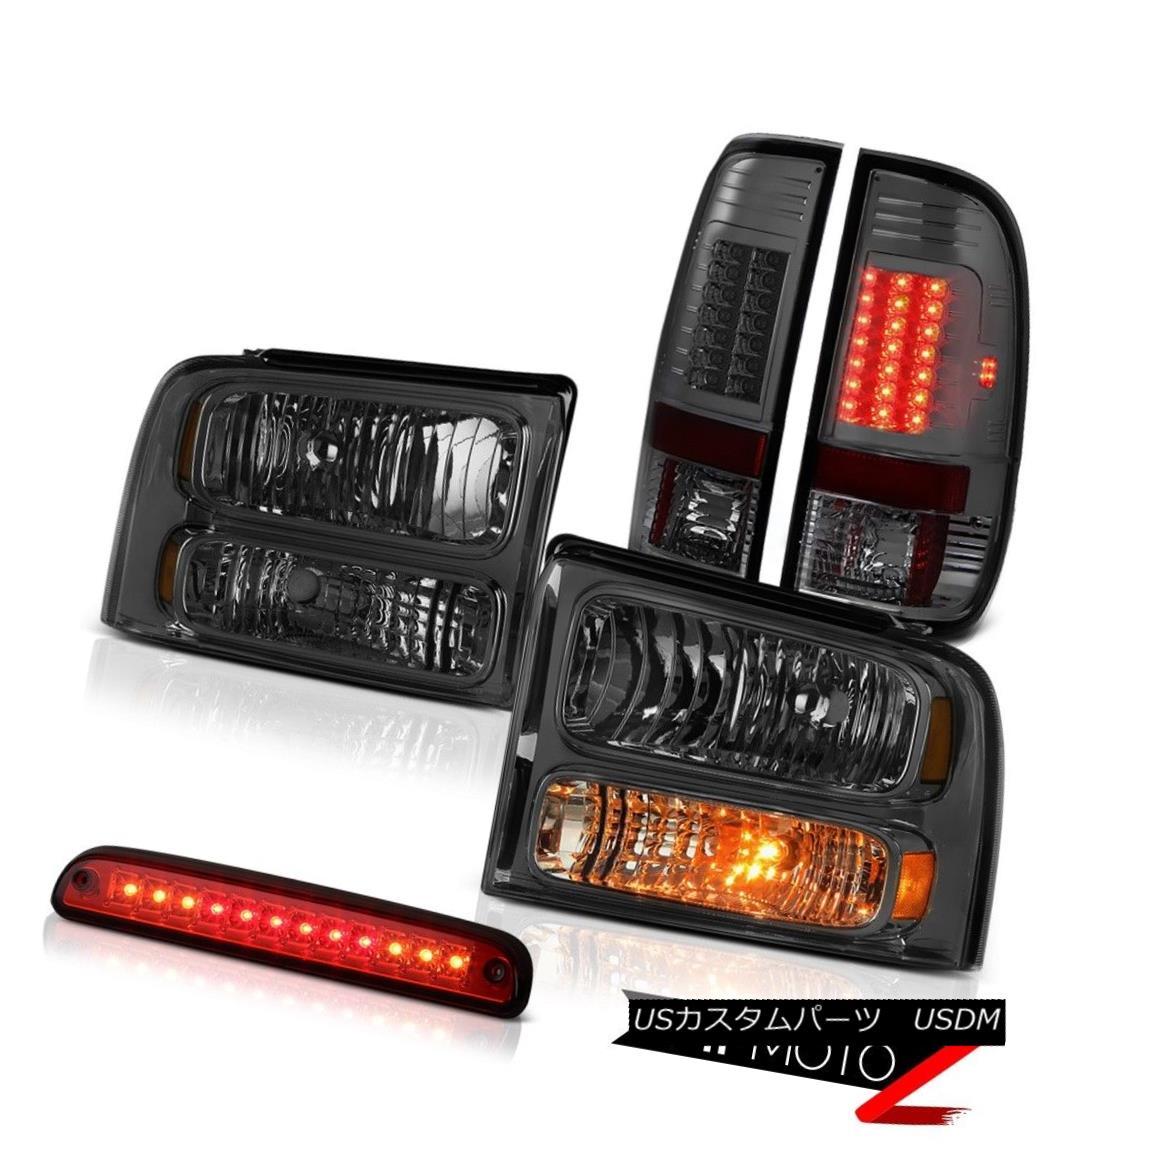 ヘッドライト 05-07 F250 Lariat Diamond Cut Headlights Signal Parking Tail Lights High Stop 05-07 F250リアタットダイヤモンドカットヘッドライト信号パーキングテールライトハイストップ